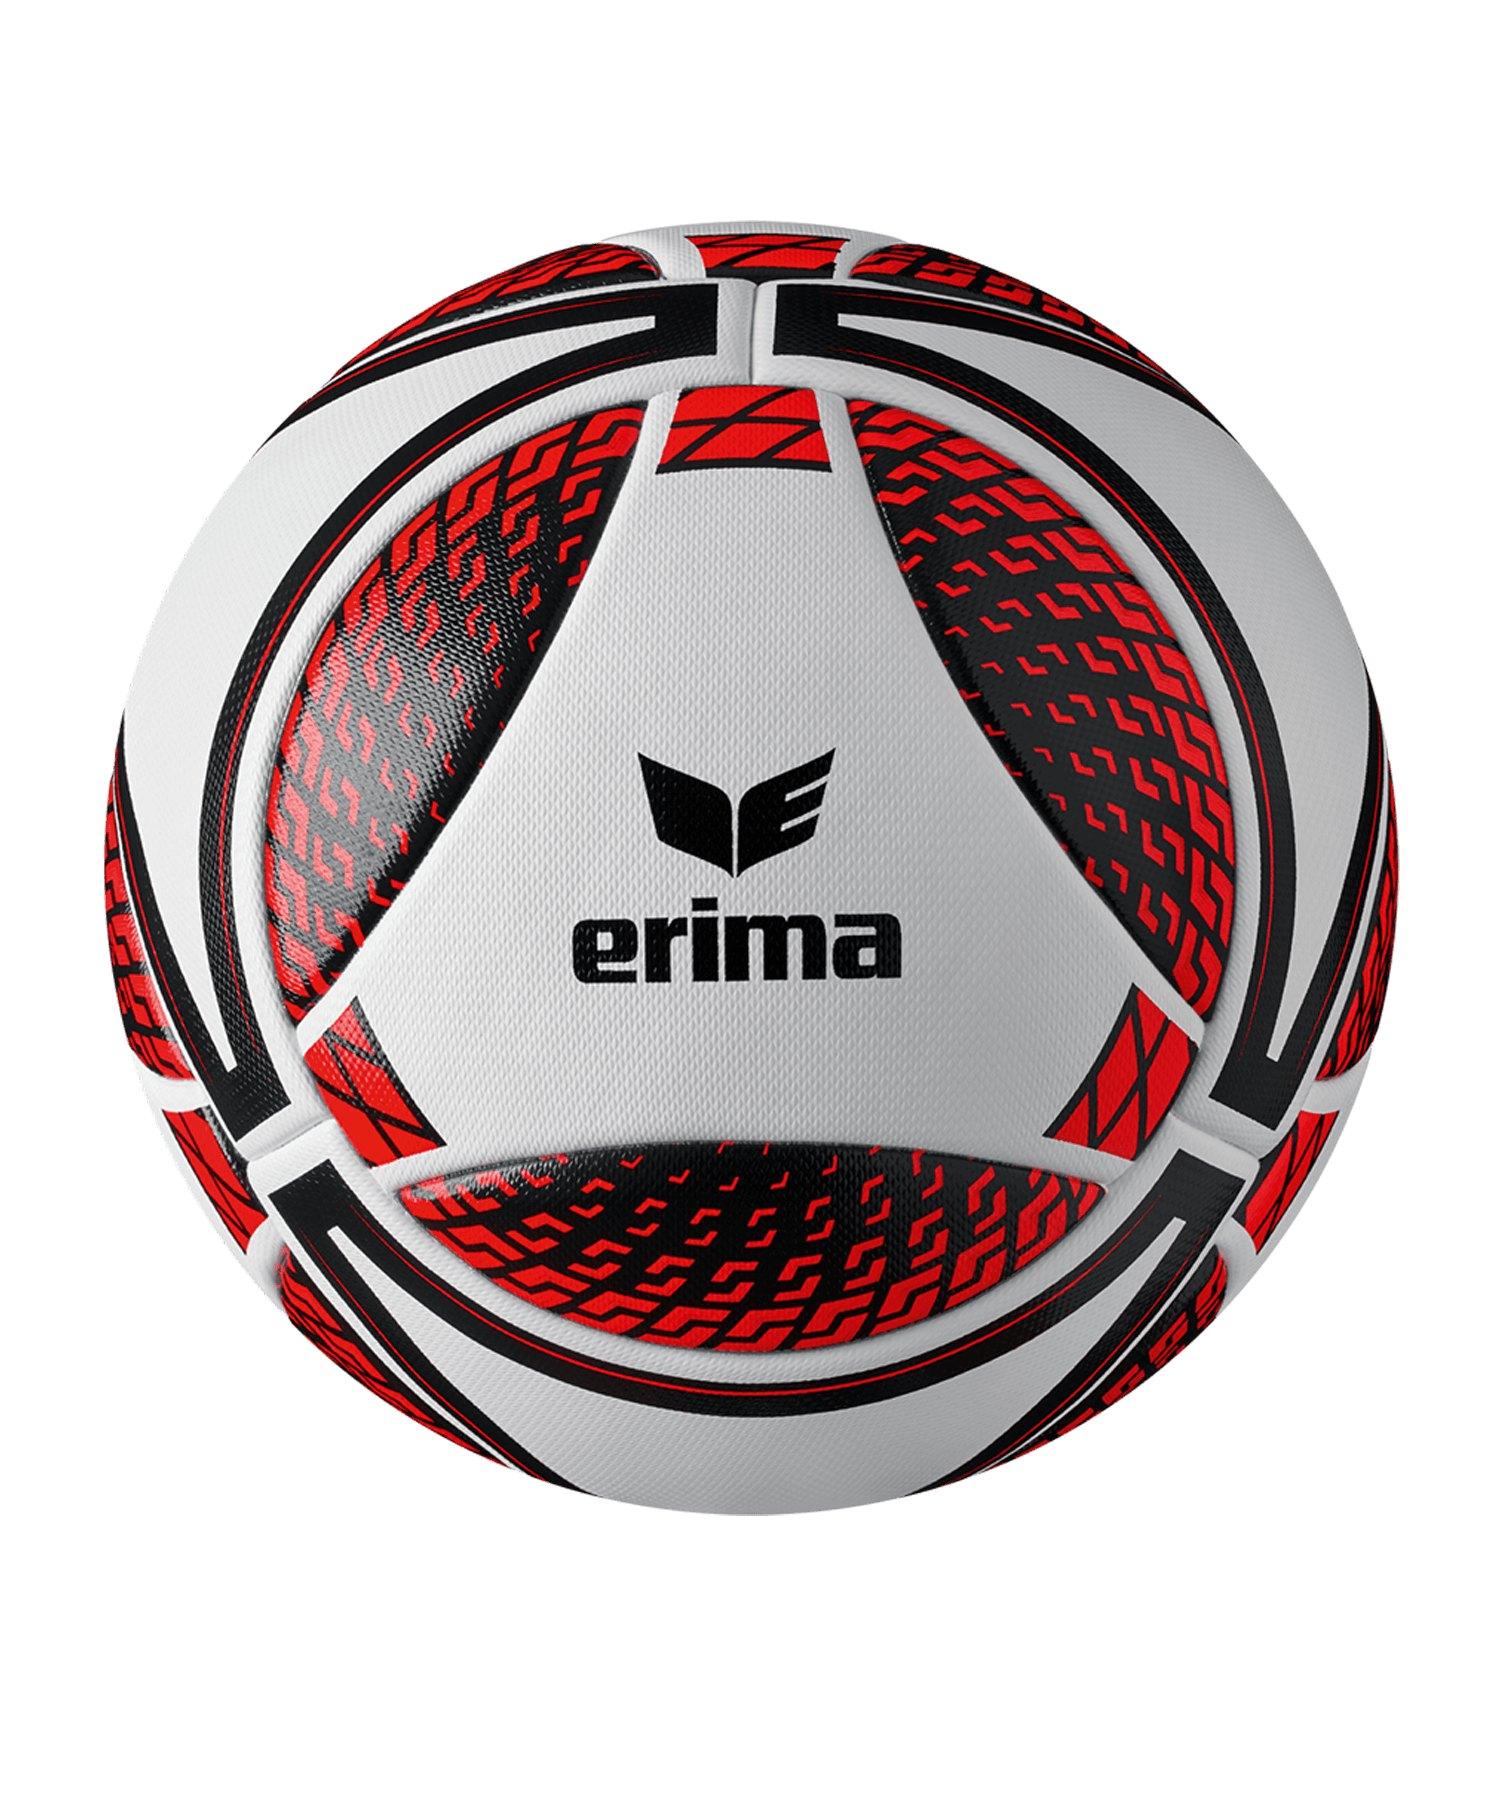 Erima Senzor Match Spielball Weiss Rot - weiss